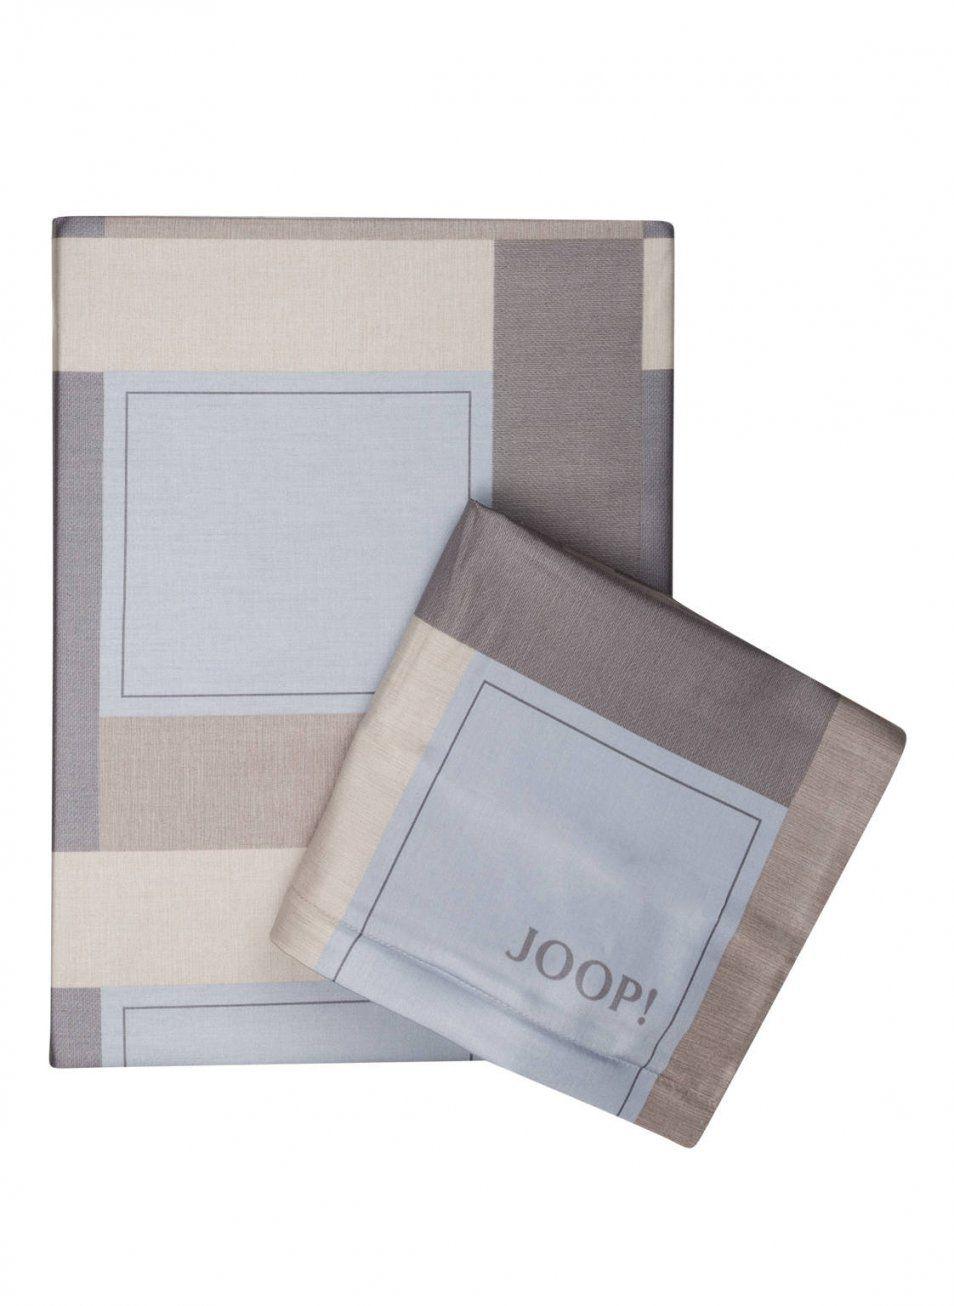 Joop Bettwäsche New Squares 155 X 220 Cm Grau Braun Natur von Joop Bettwäsche 155X220 Reduziert Bild